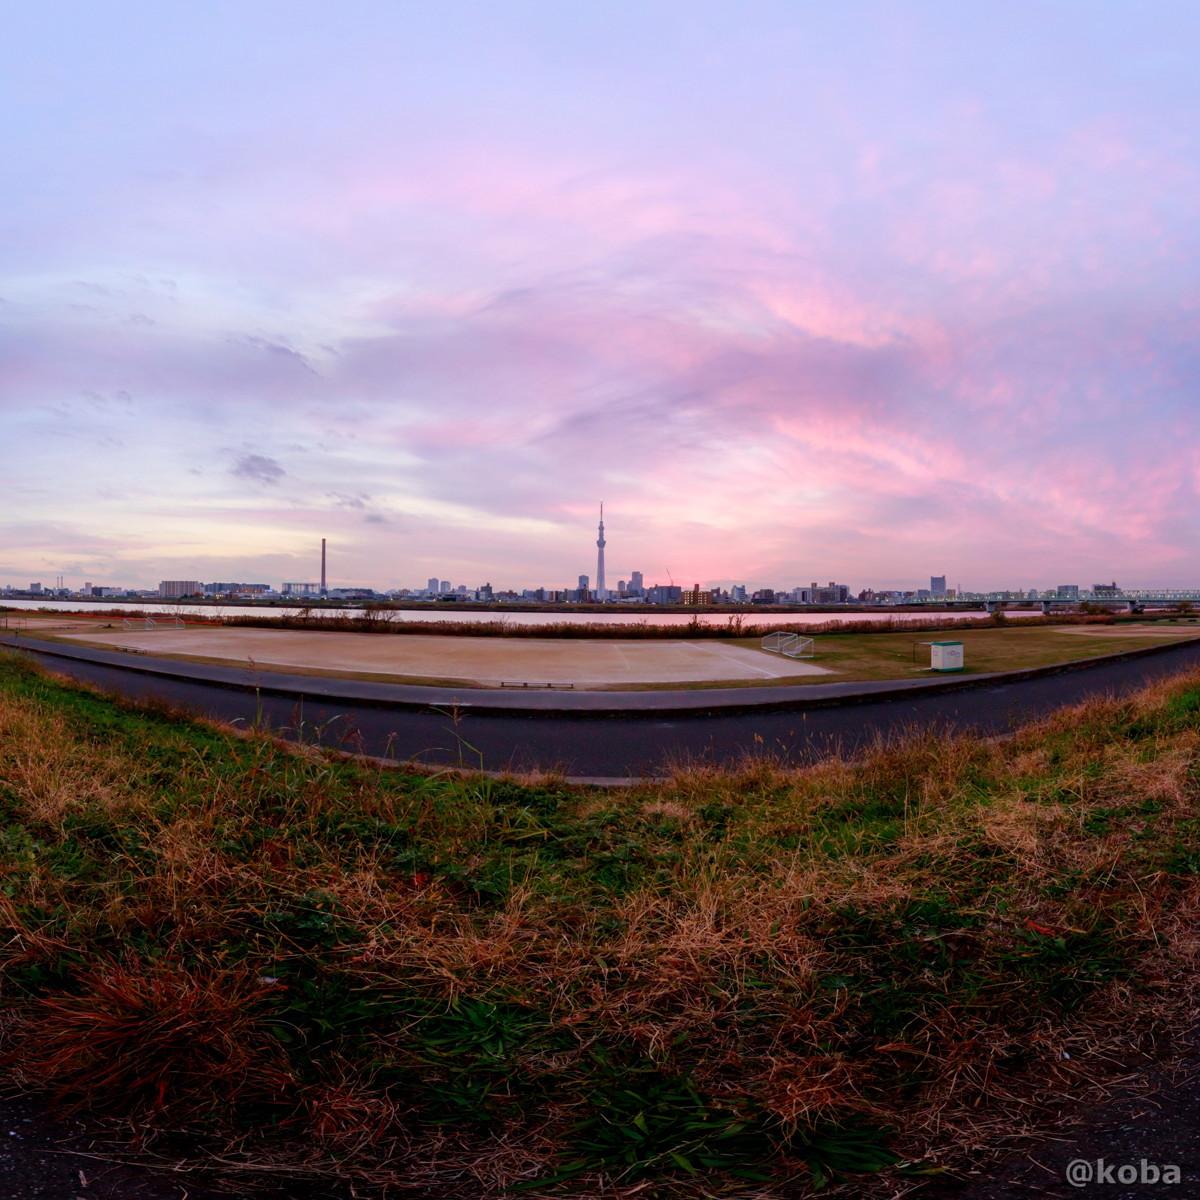 正距円筒投影|360°パノラマ画像|東京都葛飾区東四つ木避難橋|Canon EOS 6D EF16-35mm F2.8L III USM|こばフォトブログ